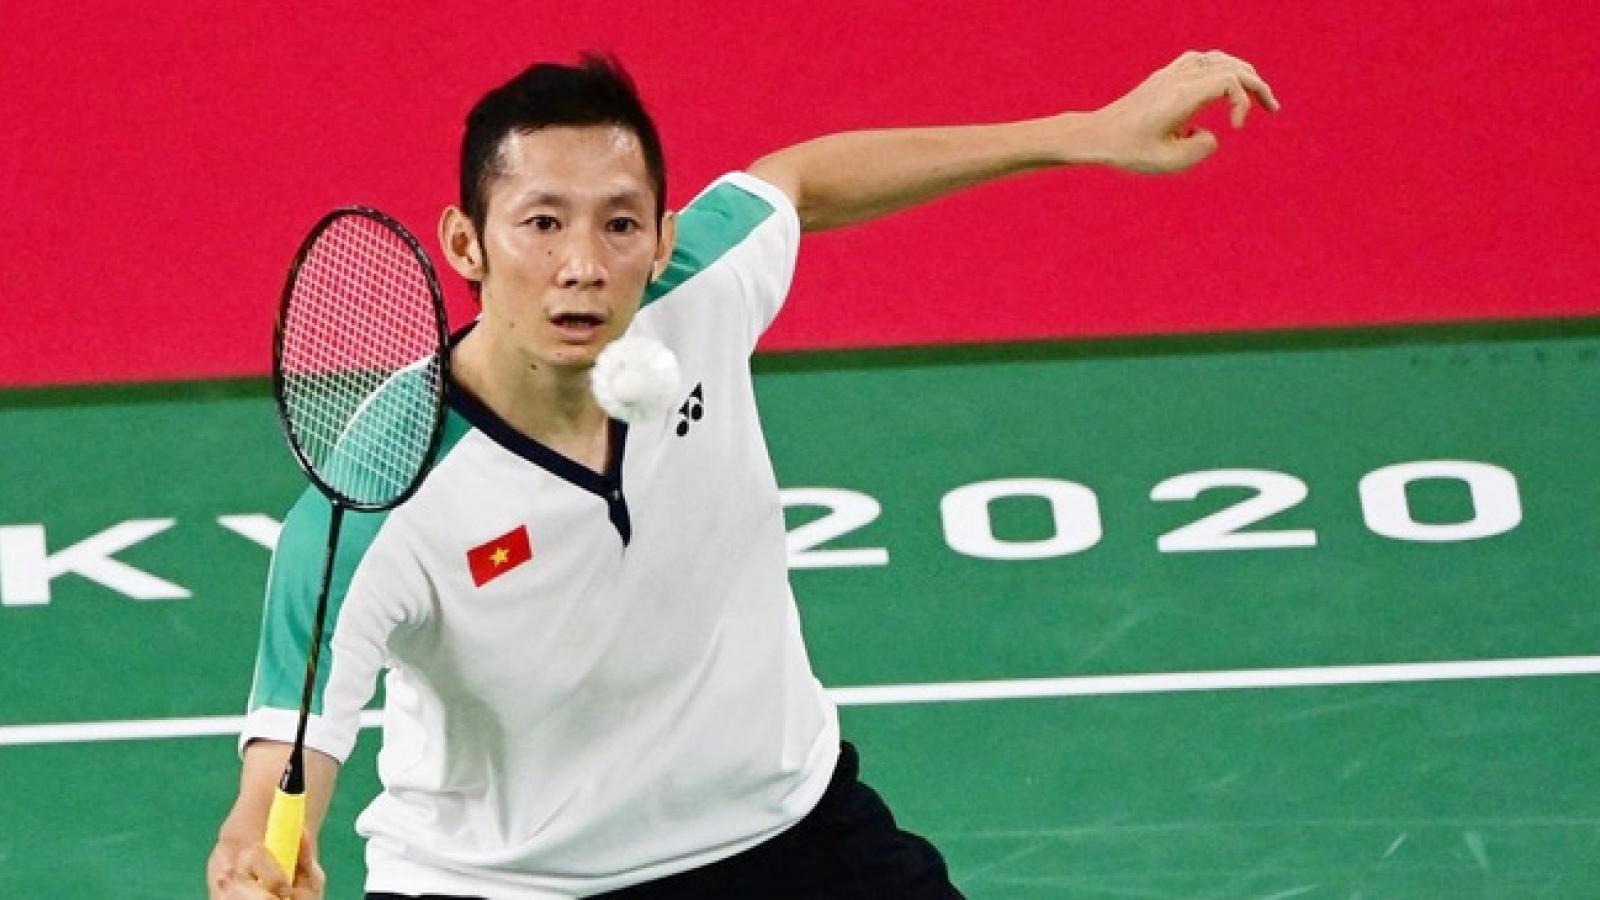 Trực tiếp Thể thao Việt Nam ở Olympic ngày 27/7: Tiến Minh, Huy Hoàng thi đấu cùng lúc